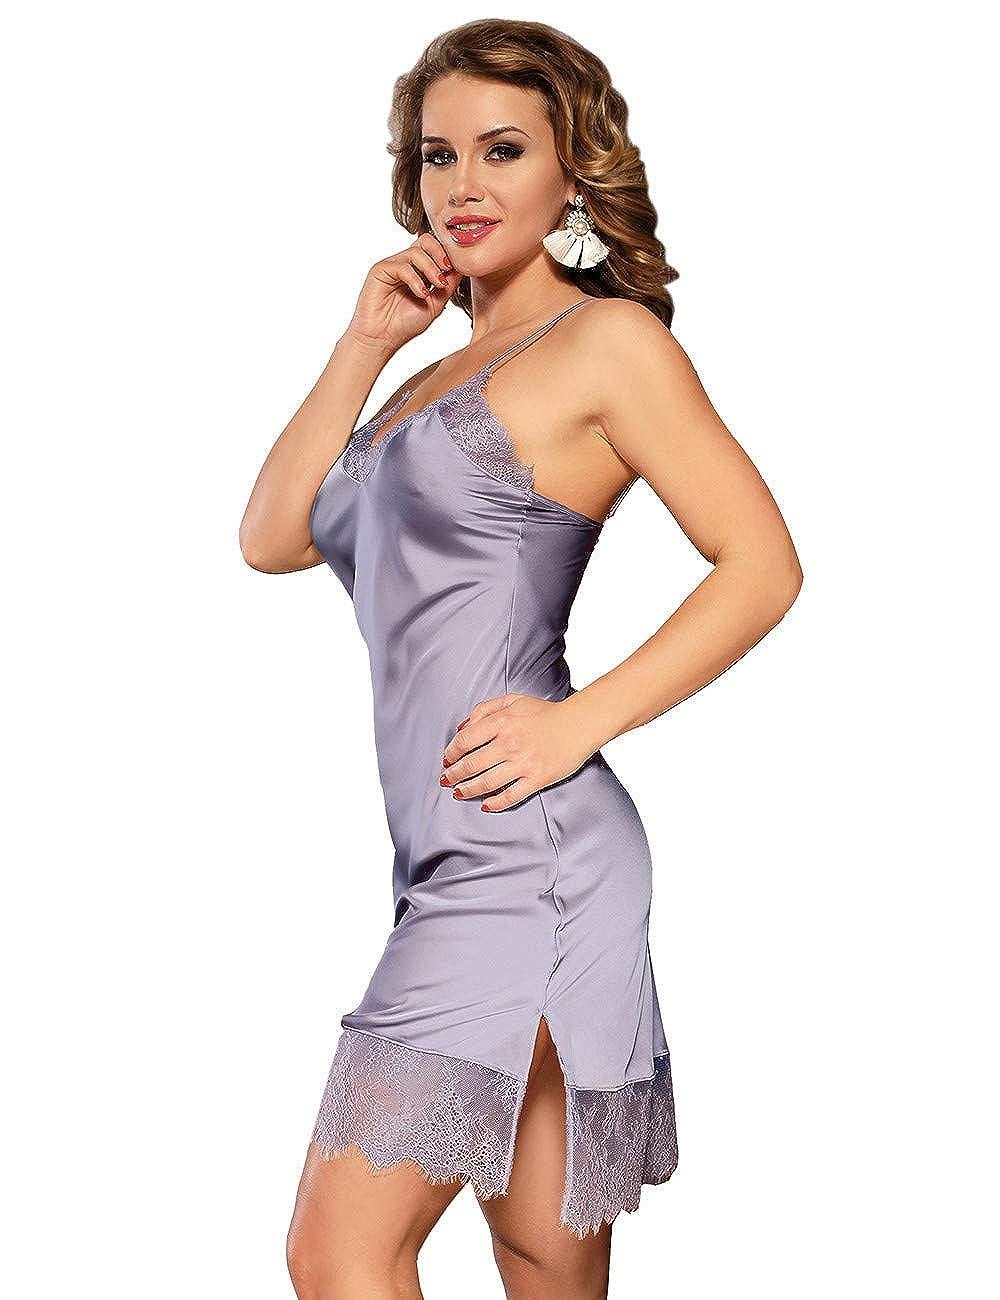 ohyeahgirl Damen Unterw/äsche Kleid Sommer Morgenmantel Kimono Satin Kurz Robe Bademantel Nachtw/äsche Sleepwear gro/ße gr/ö/ßen M-5XL